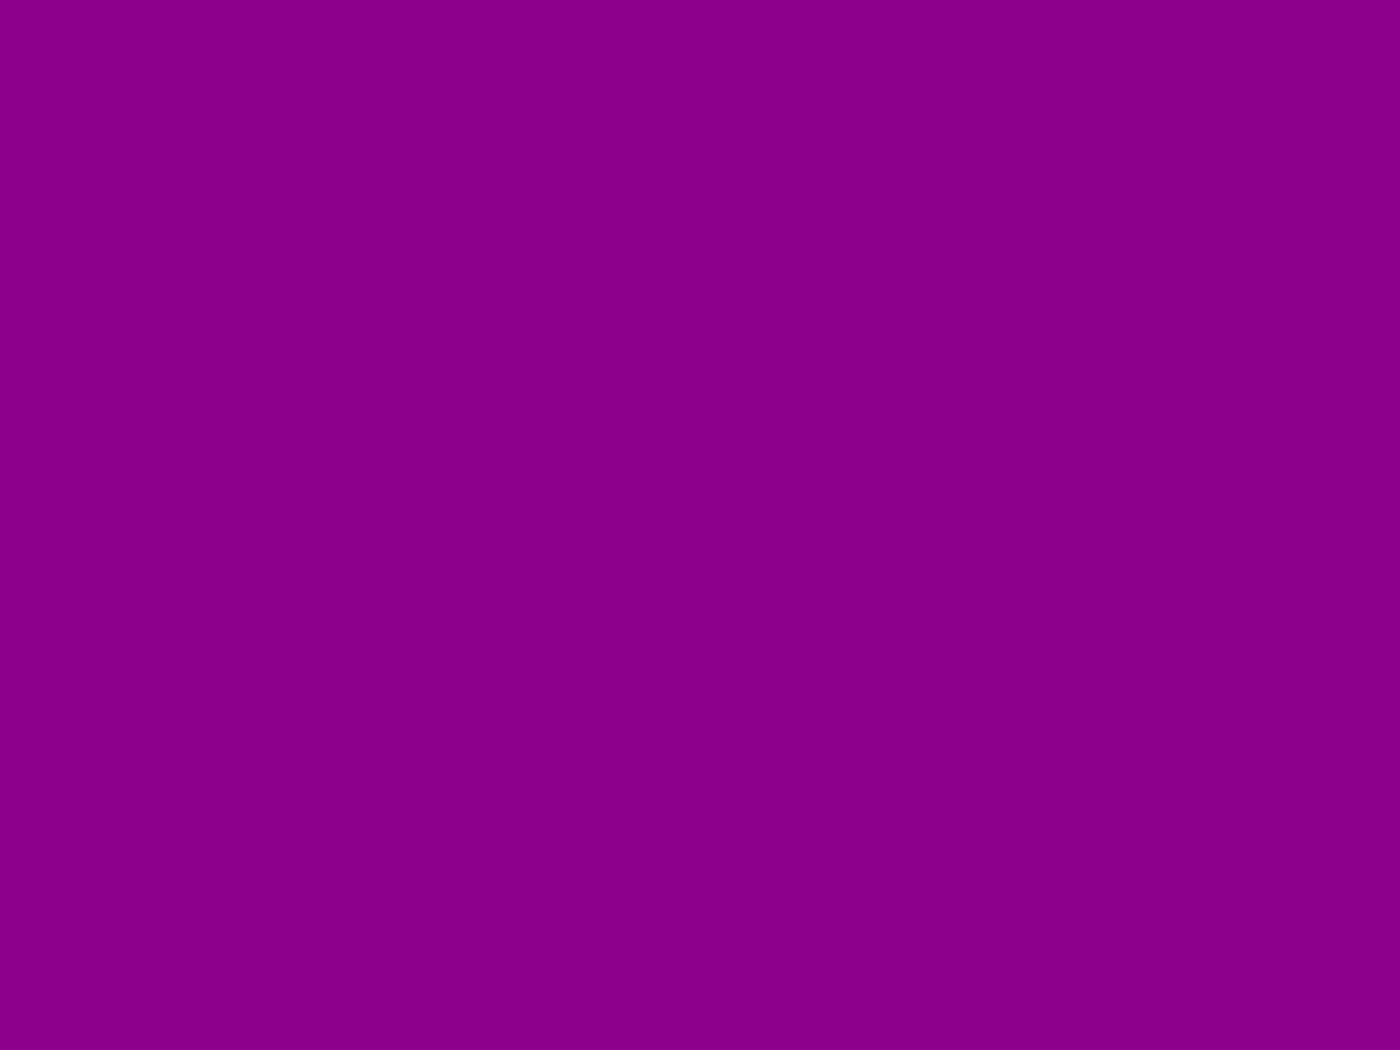 1400x1050 Dark Magenta Solid Color Background